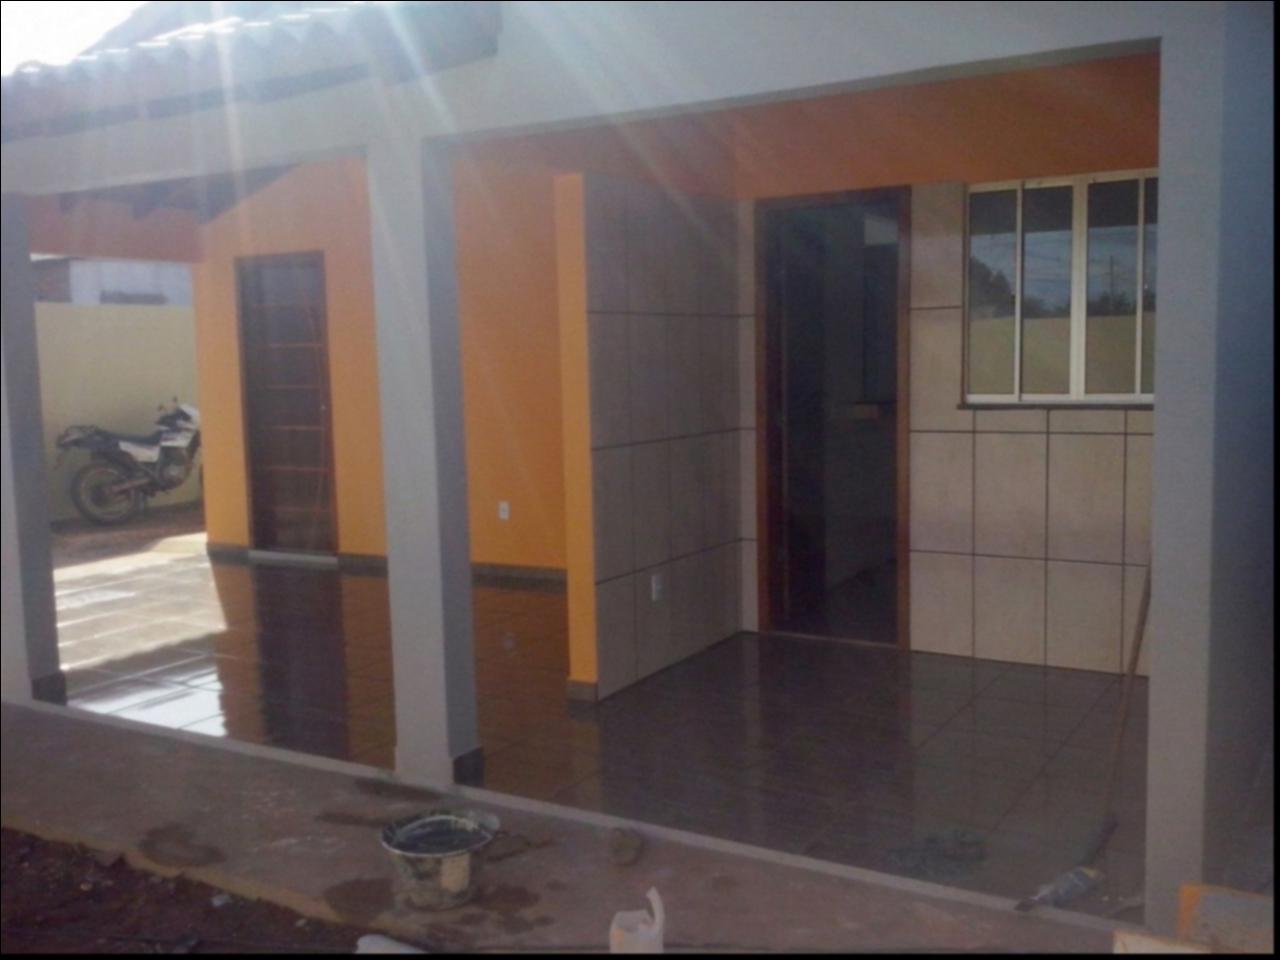 Casa  com 2 quartos sendo 1 Suíte no Ikaray, Várzea Grande  - MT